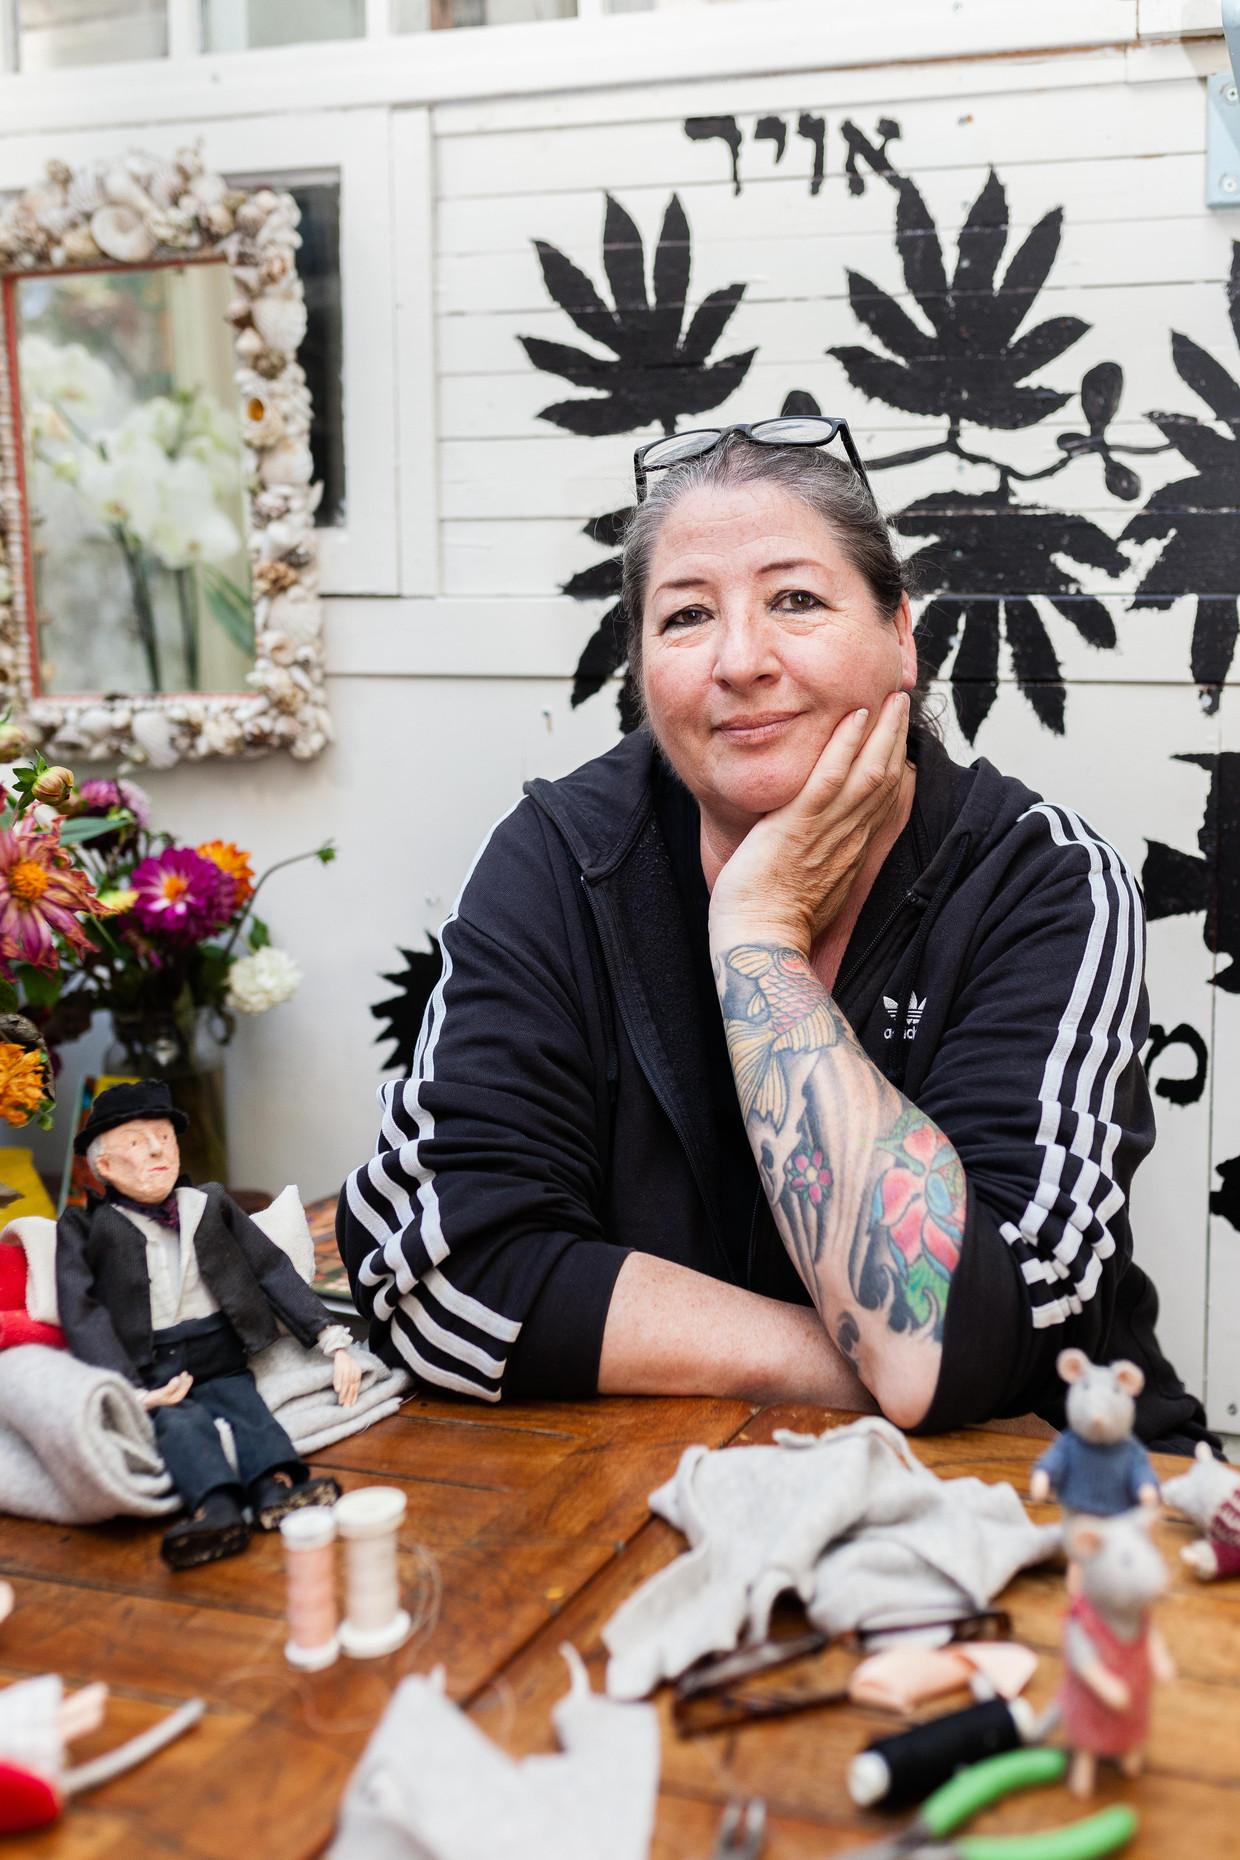 Karina Schaapman in haar loofhut, gemaakt van gebruikte kozijnen en afvalhout. 'Het is ons paradijsje.' Beeld Nina Schollaardt